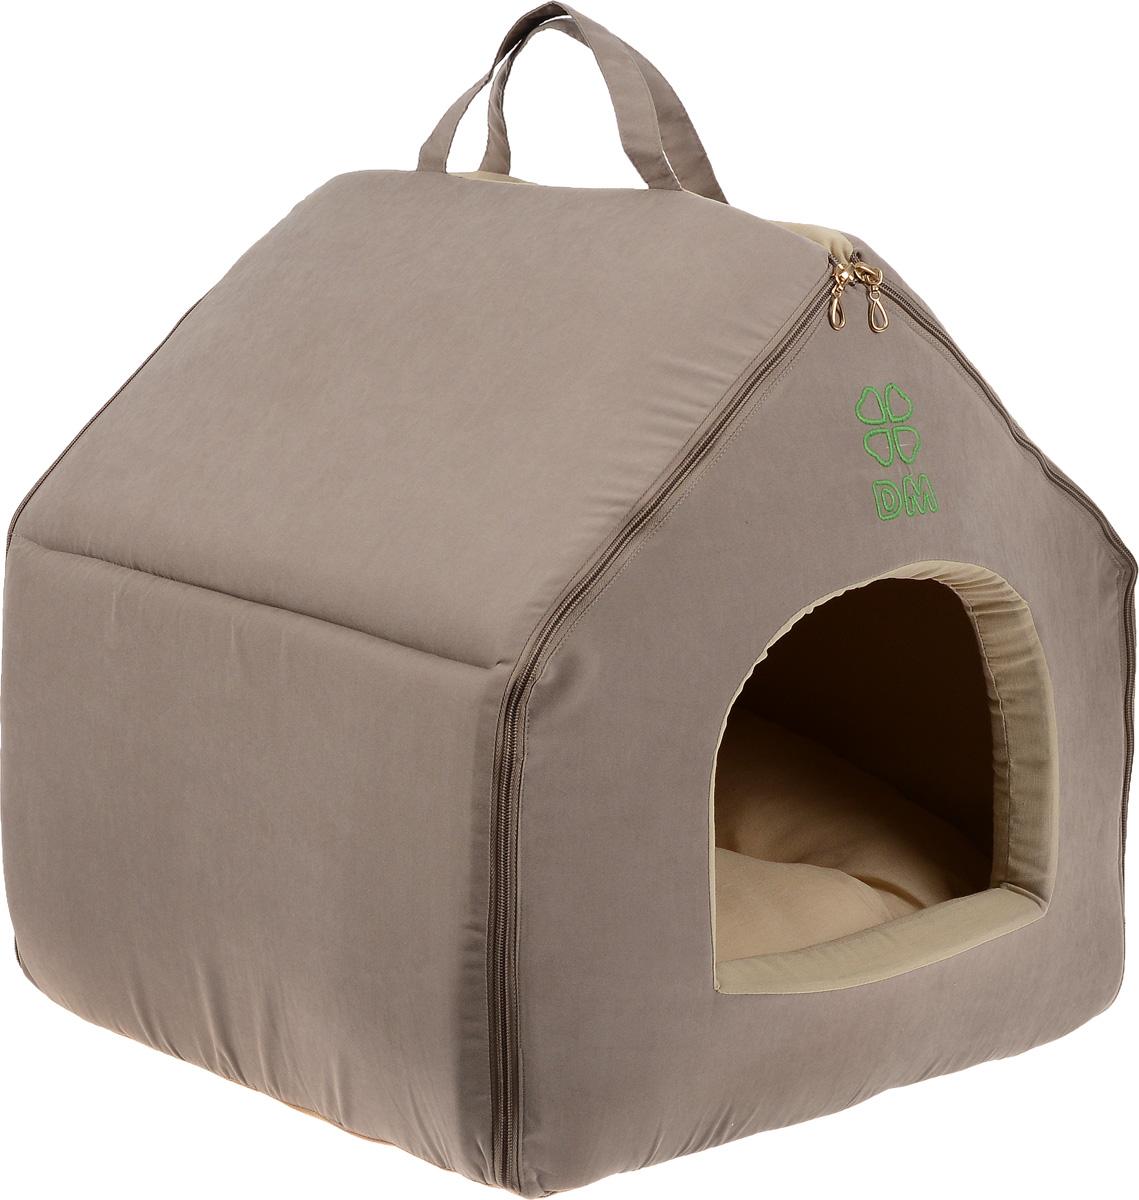 Домик-будка для животных Dogmoda Лофт, цвет: темно-бежевый, бежевый, 46 х 35 х 45 смDM-150356Домик-будка Dogmoda Лофт непременно станет любимым местом отдыха вашего домашнего животного. Изделие выполнено из высококачественного полиэстера, хлопка и холлофайбера. Наполнитель - поролон. В таком домике вашему любимцу будет мягко и тепло. Он даст вашему питомцу ощущение уюта и уединенности, а также возможность спрятаться. Изделие оснащено съемной мягкой подстилкой. Домик легко разбирается и собирается при помощи застежек-молний.Размер домика: 46 х 35 х 45 см.Размер подстилки: 48 х 36 х 8 см.